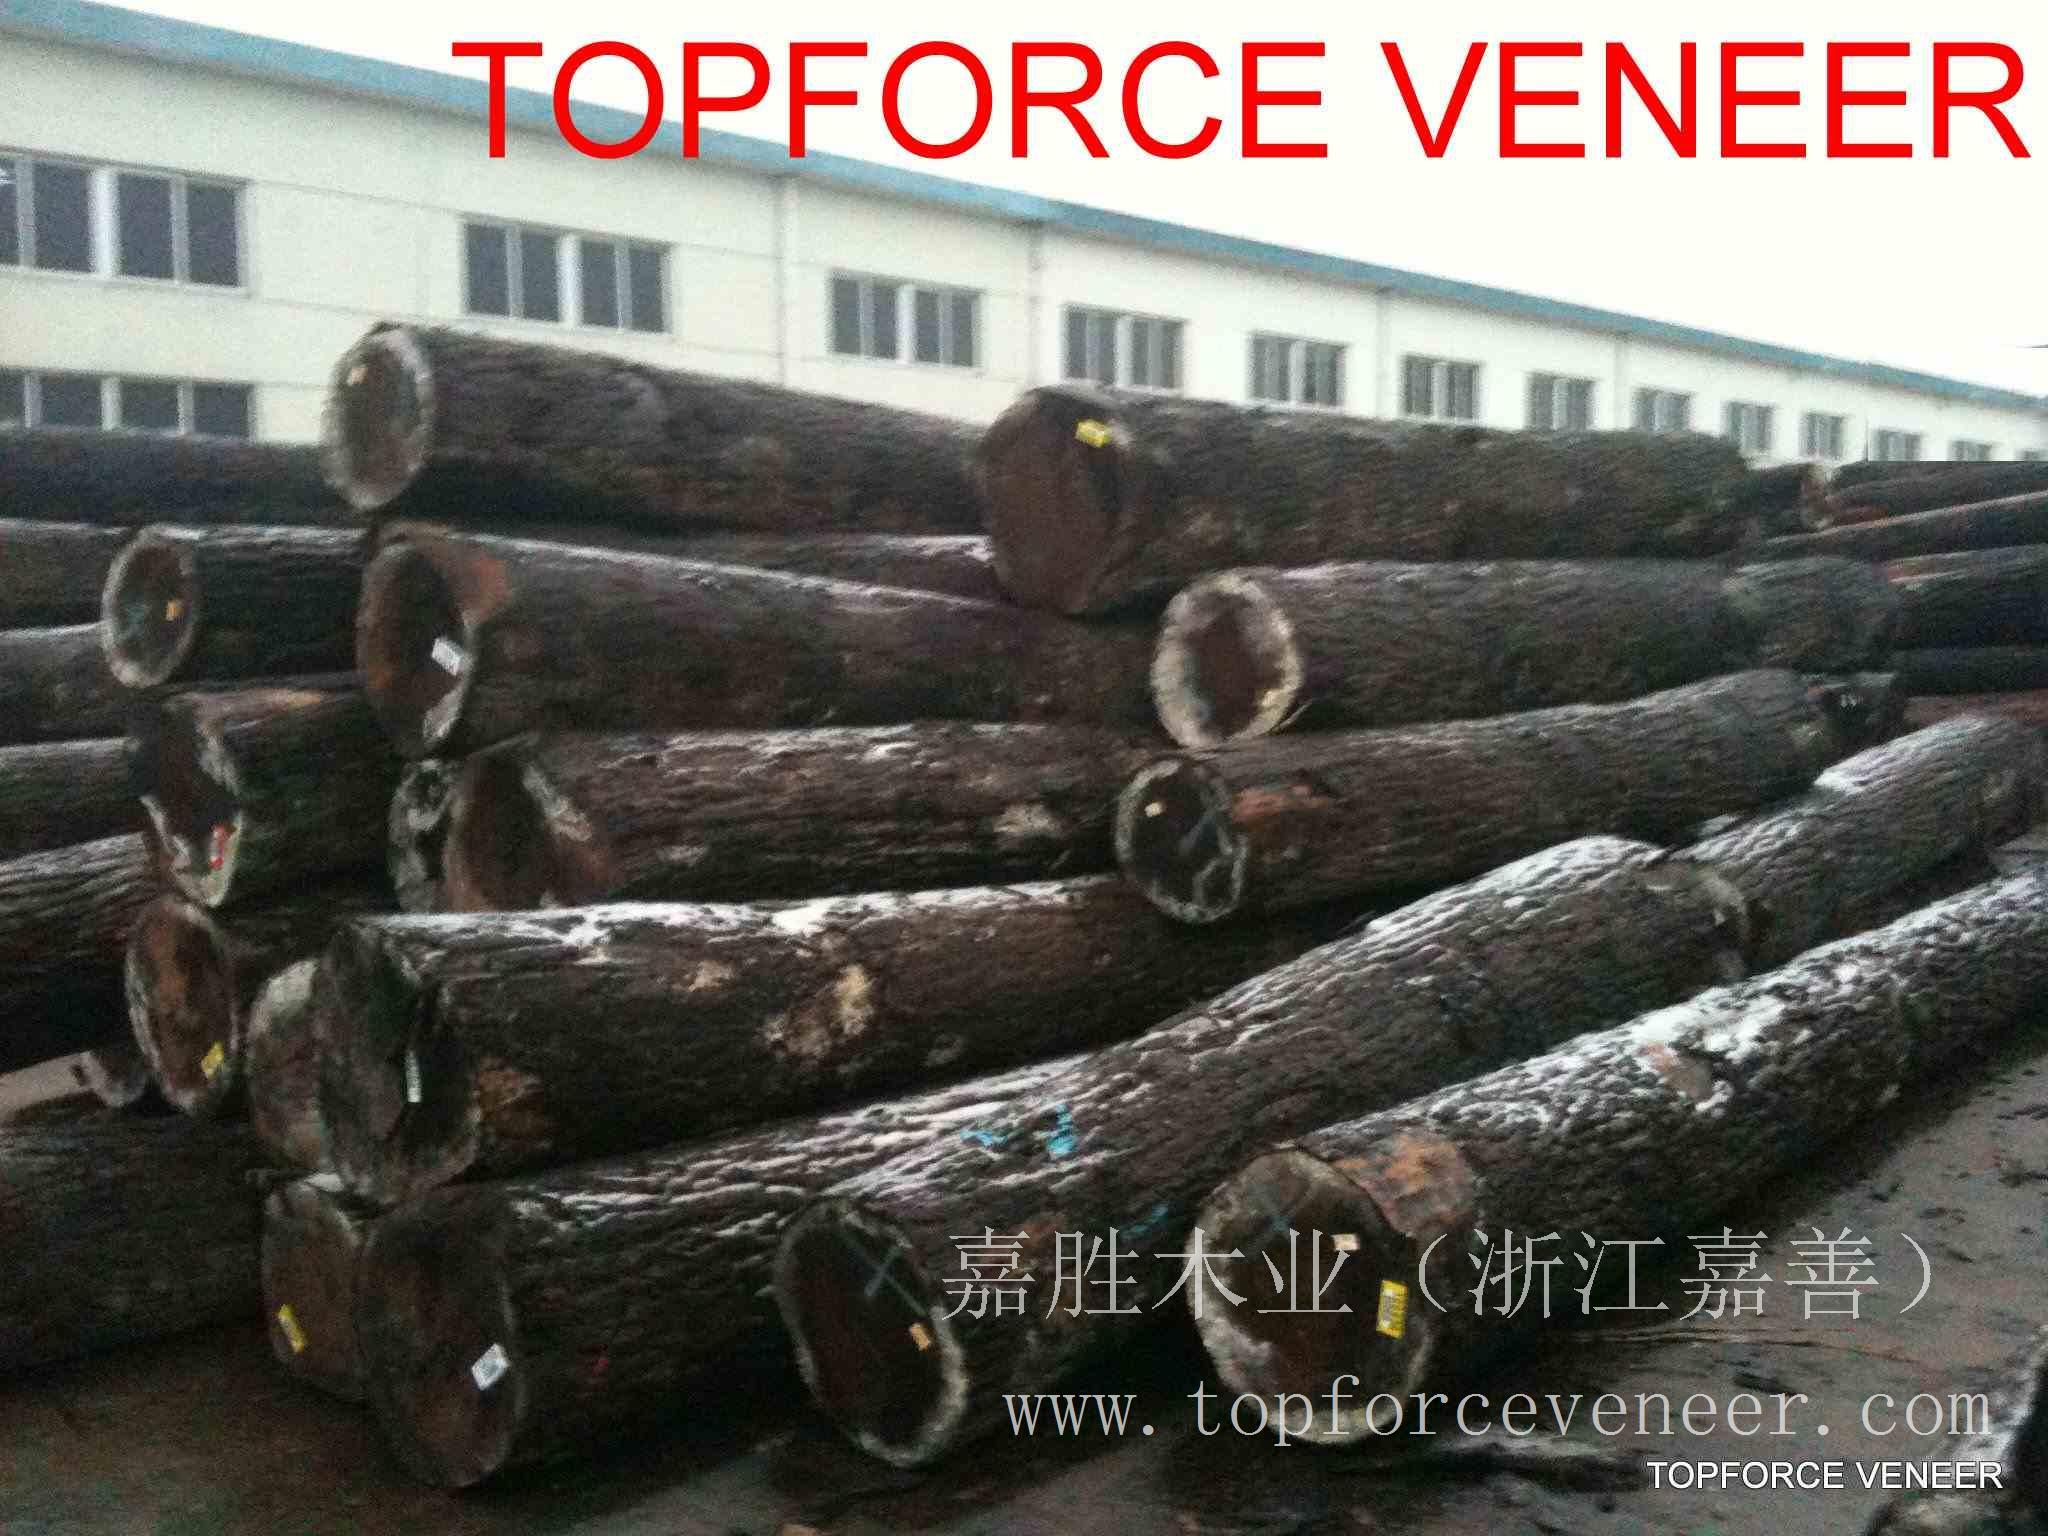 浙江美国黑胡桃原木,ZheJiang American Walnut Logs,二面清,三面清锯切级,三面清旋切级和四面清刨切级,锯切